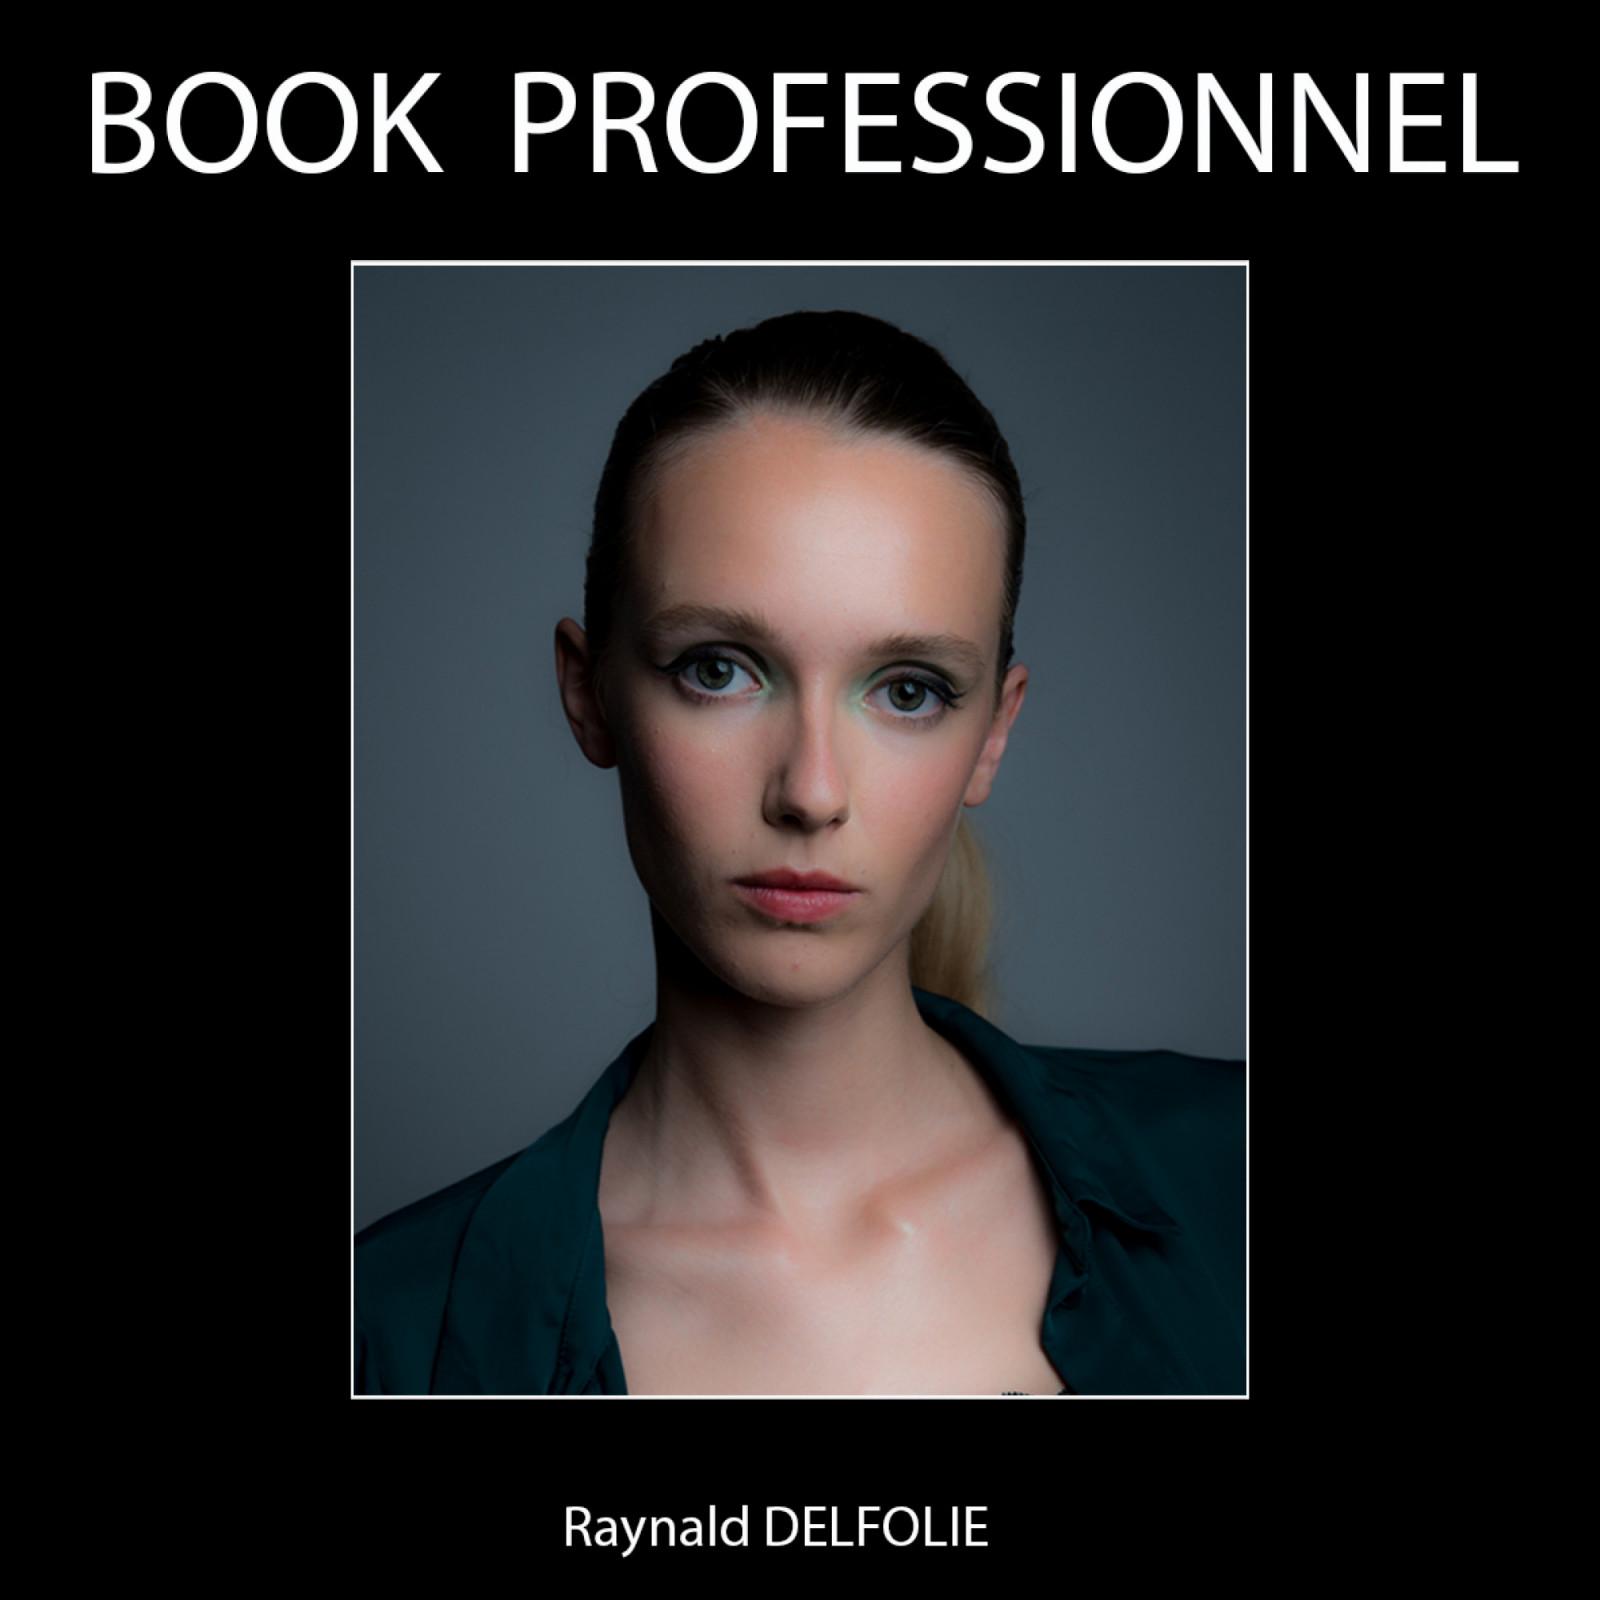 raynald-delfolie 378bec3a46e9